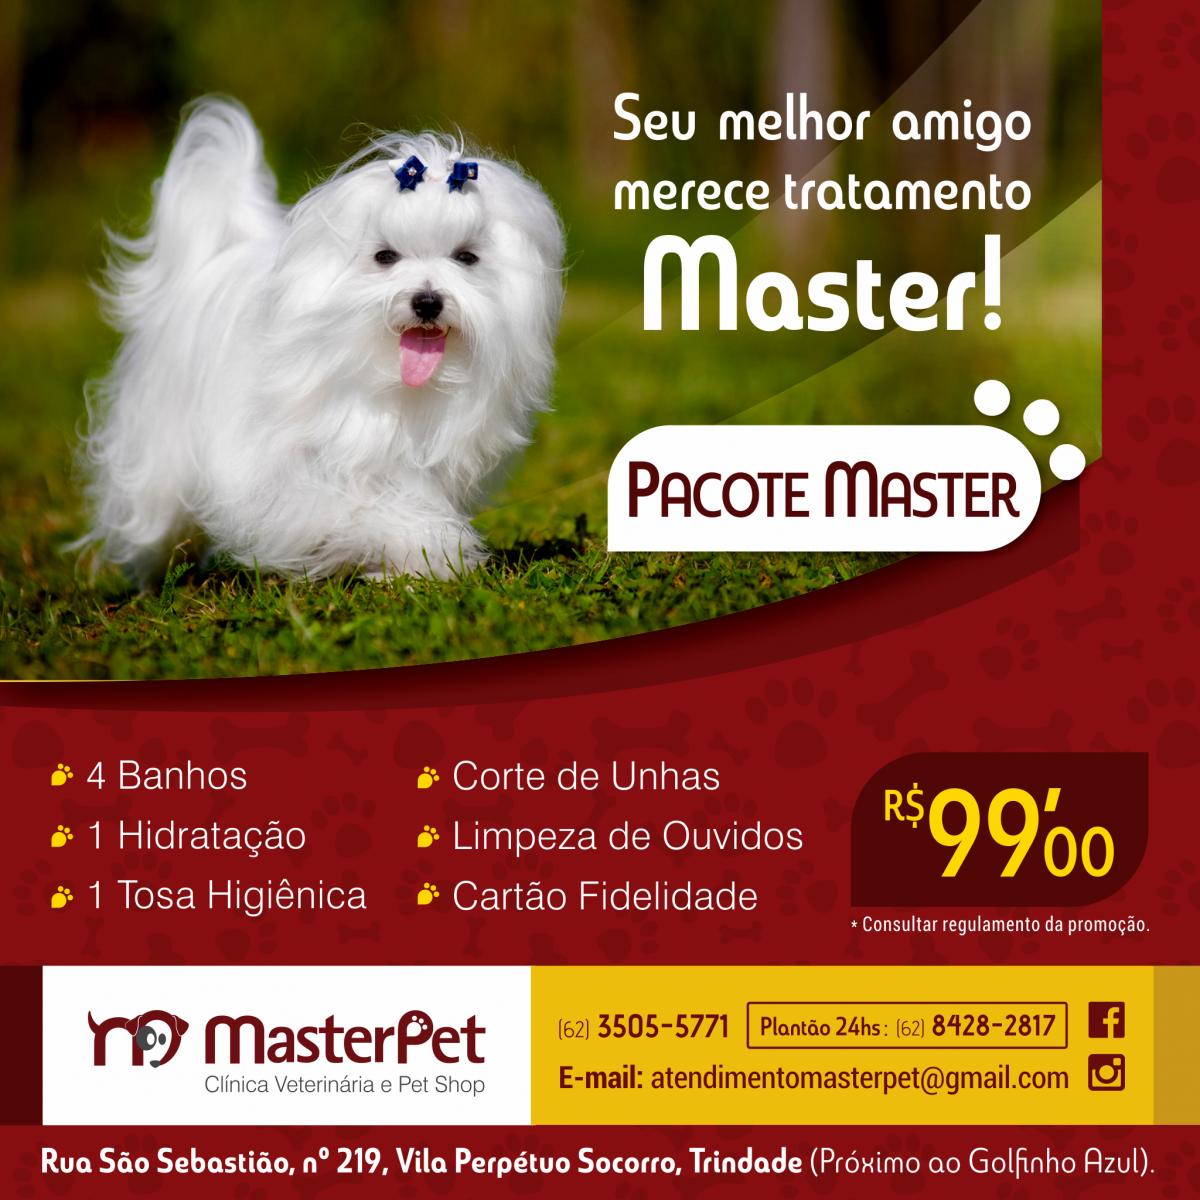 Pacote Master